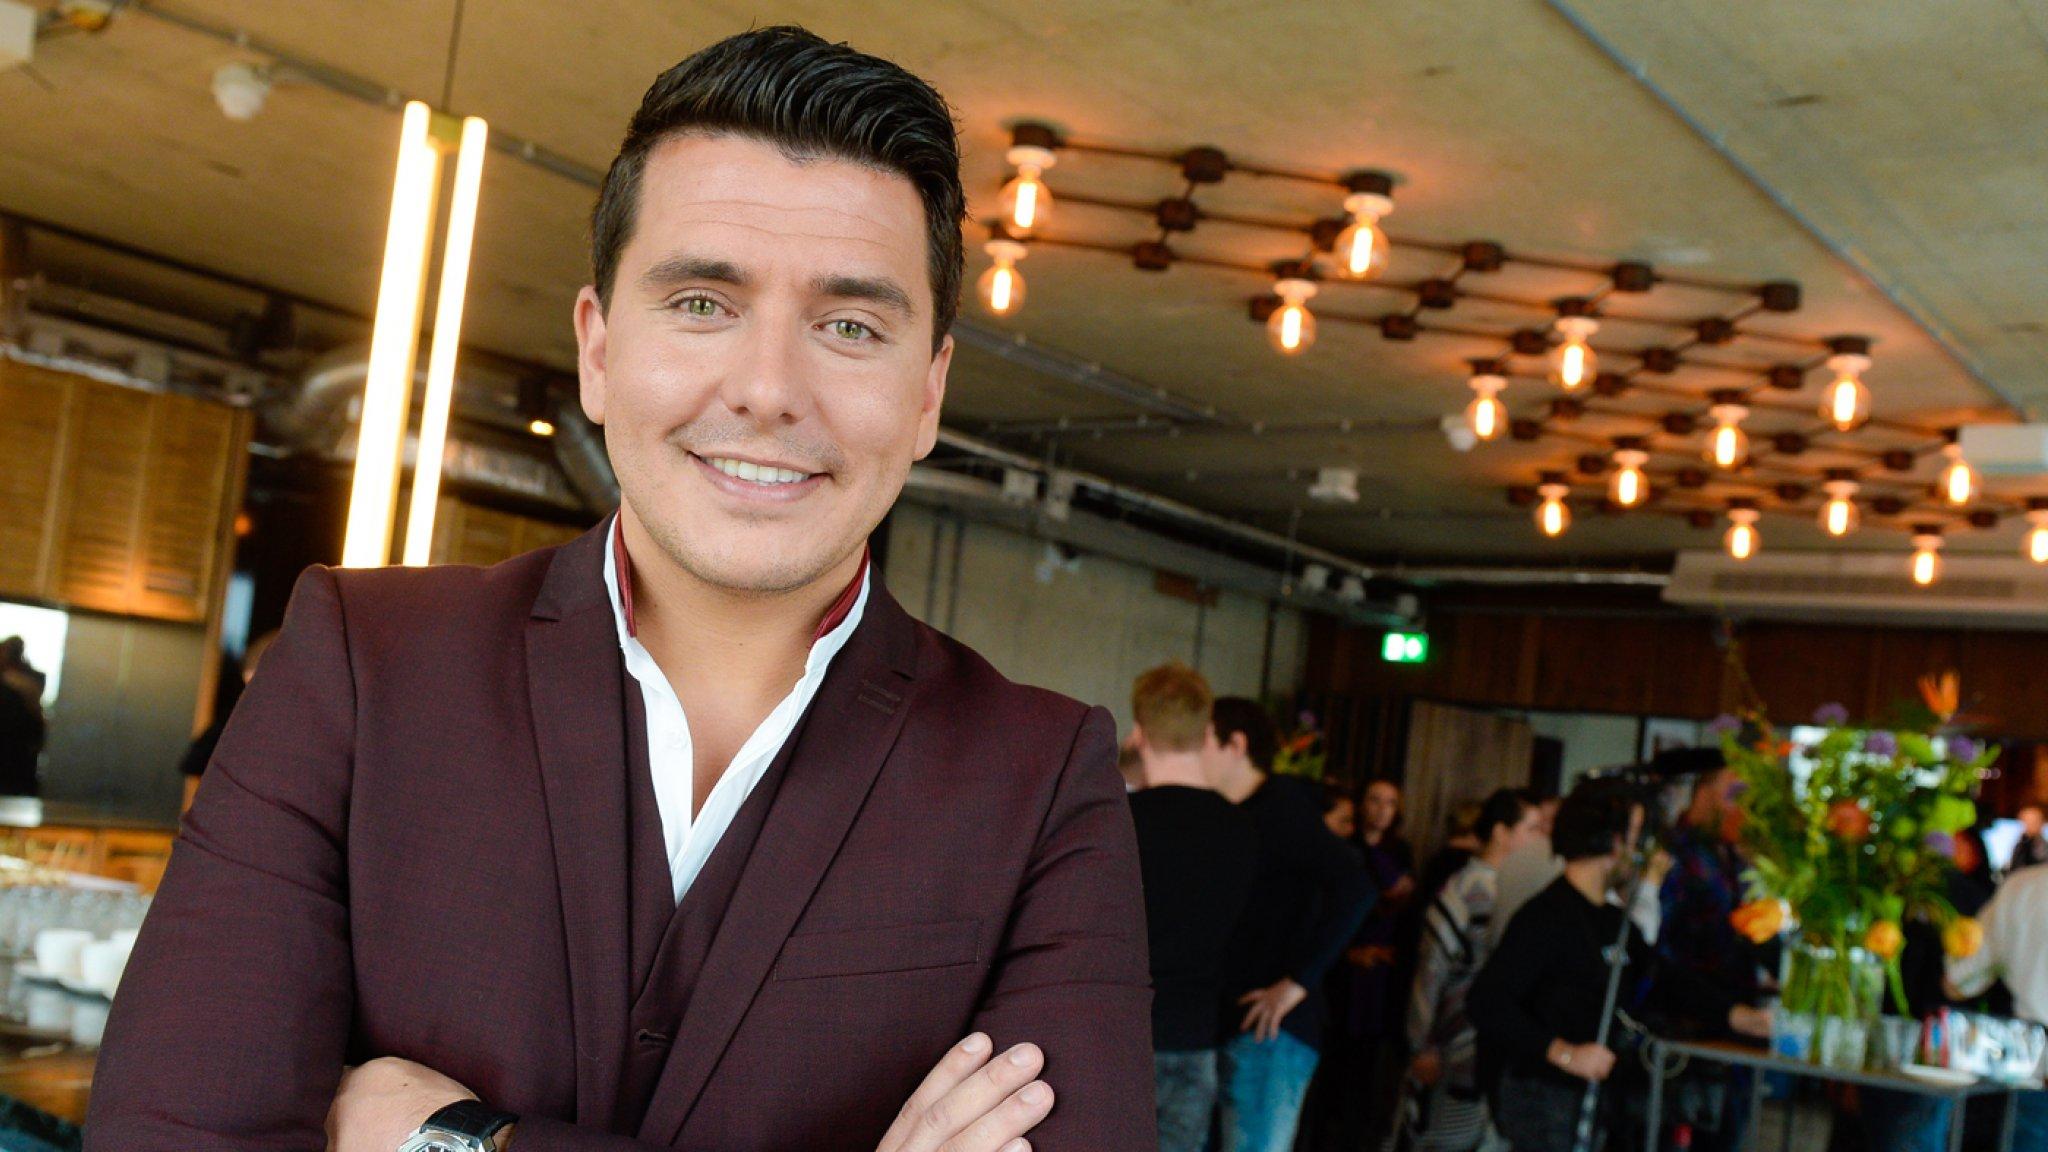 Jan Smit moet zijn shows afzeggen wegens ziekte - RTL Boulevard